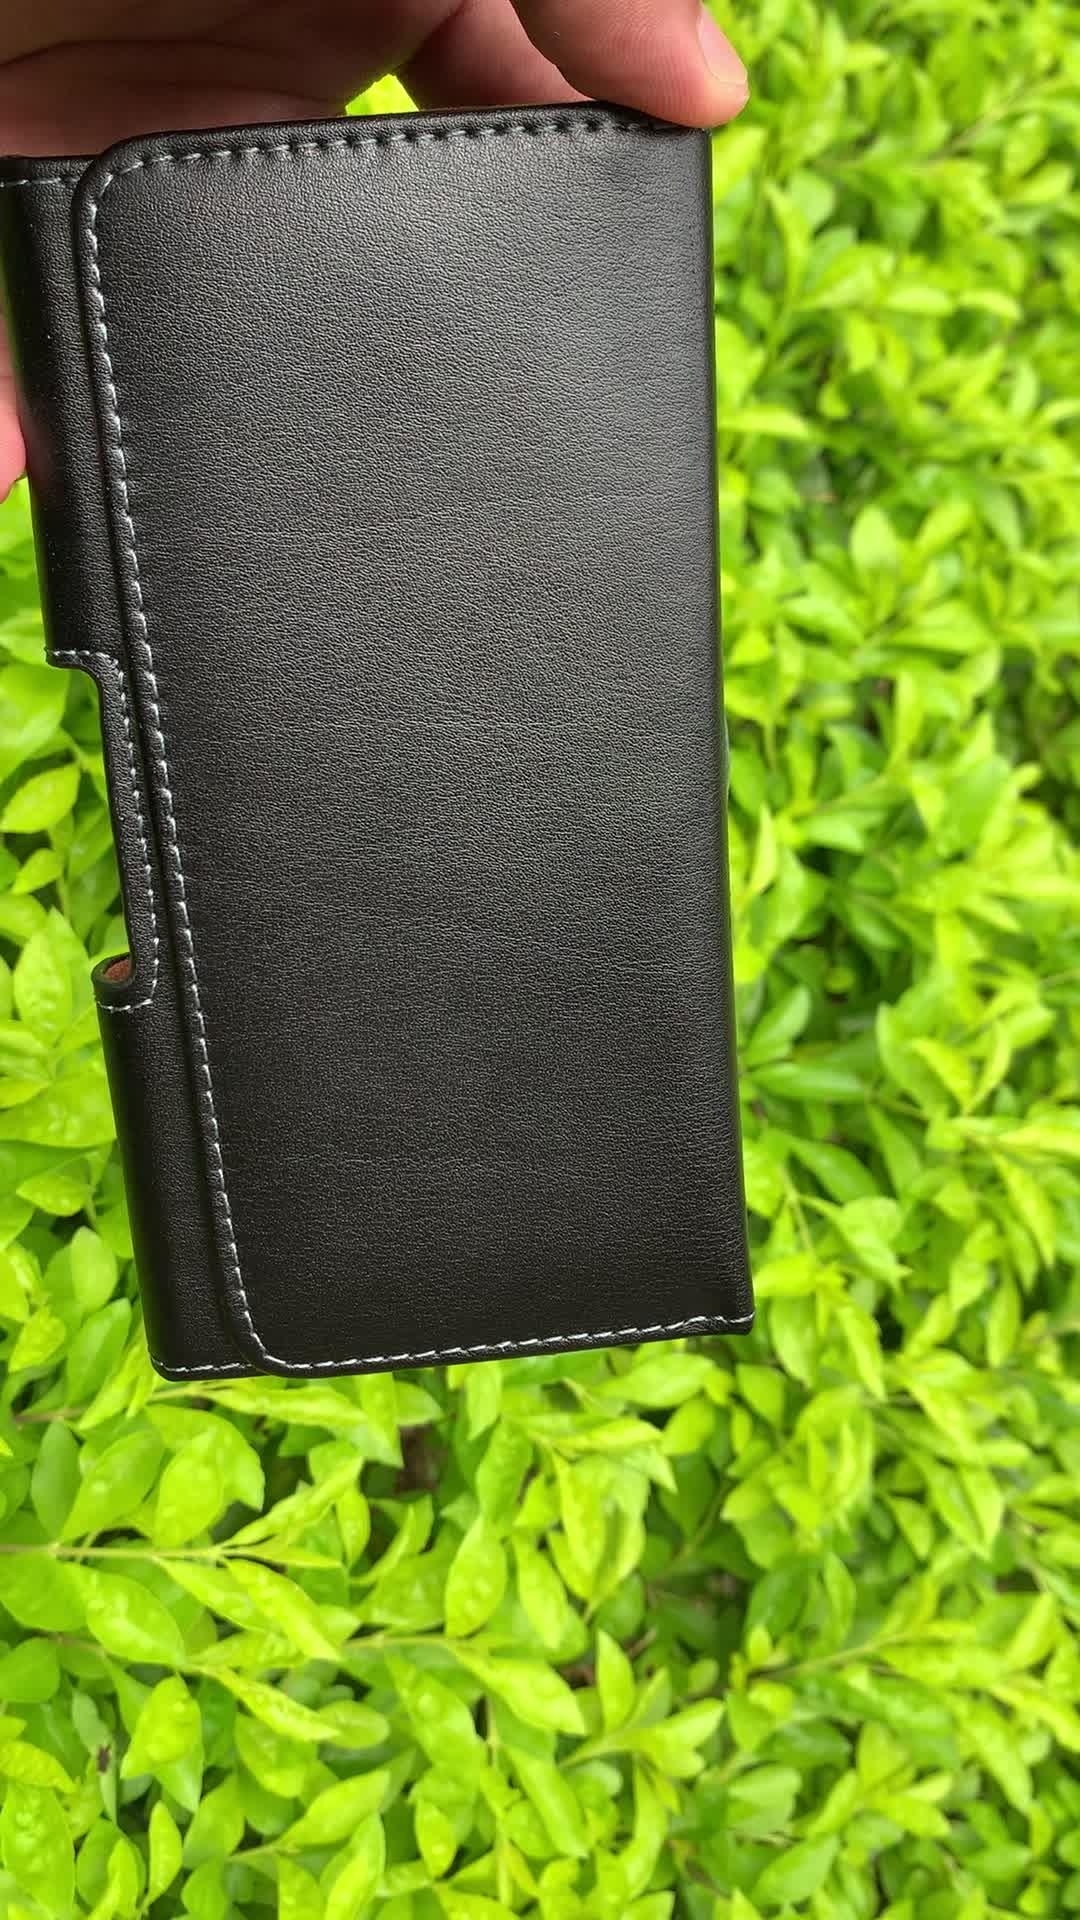 โรงงานขายส่งราคา Universal ของแท้หนังเอวแพ็คเข็มขัดคลิปสำหรับ iPhone XS Samsung S10e S9 Huawei P30